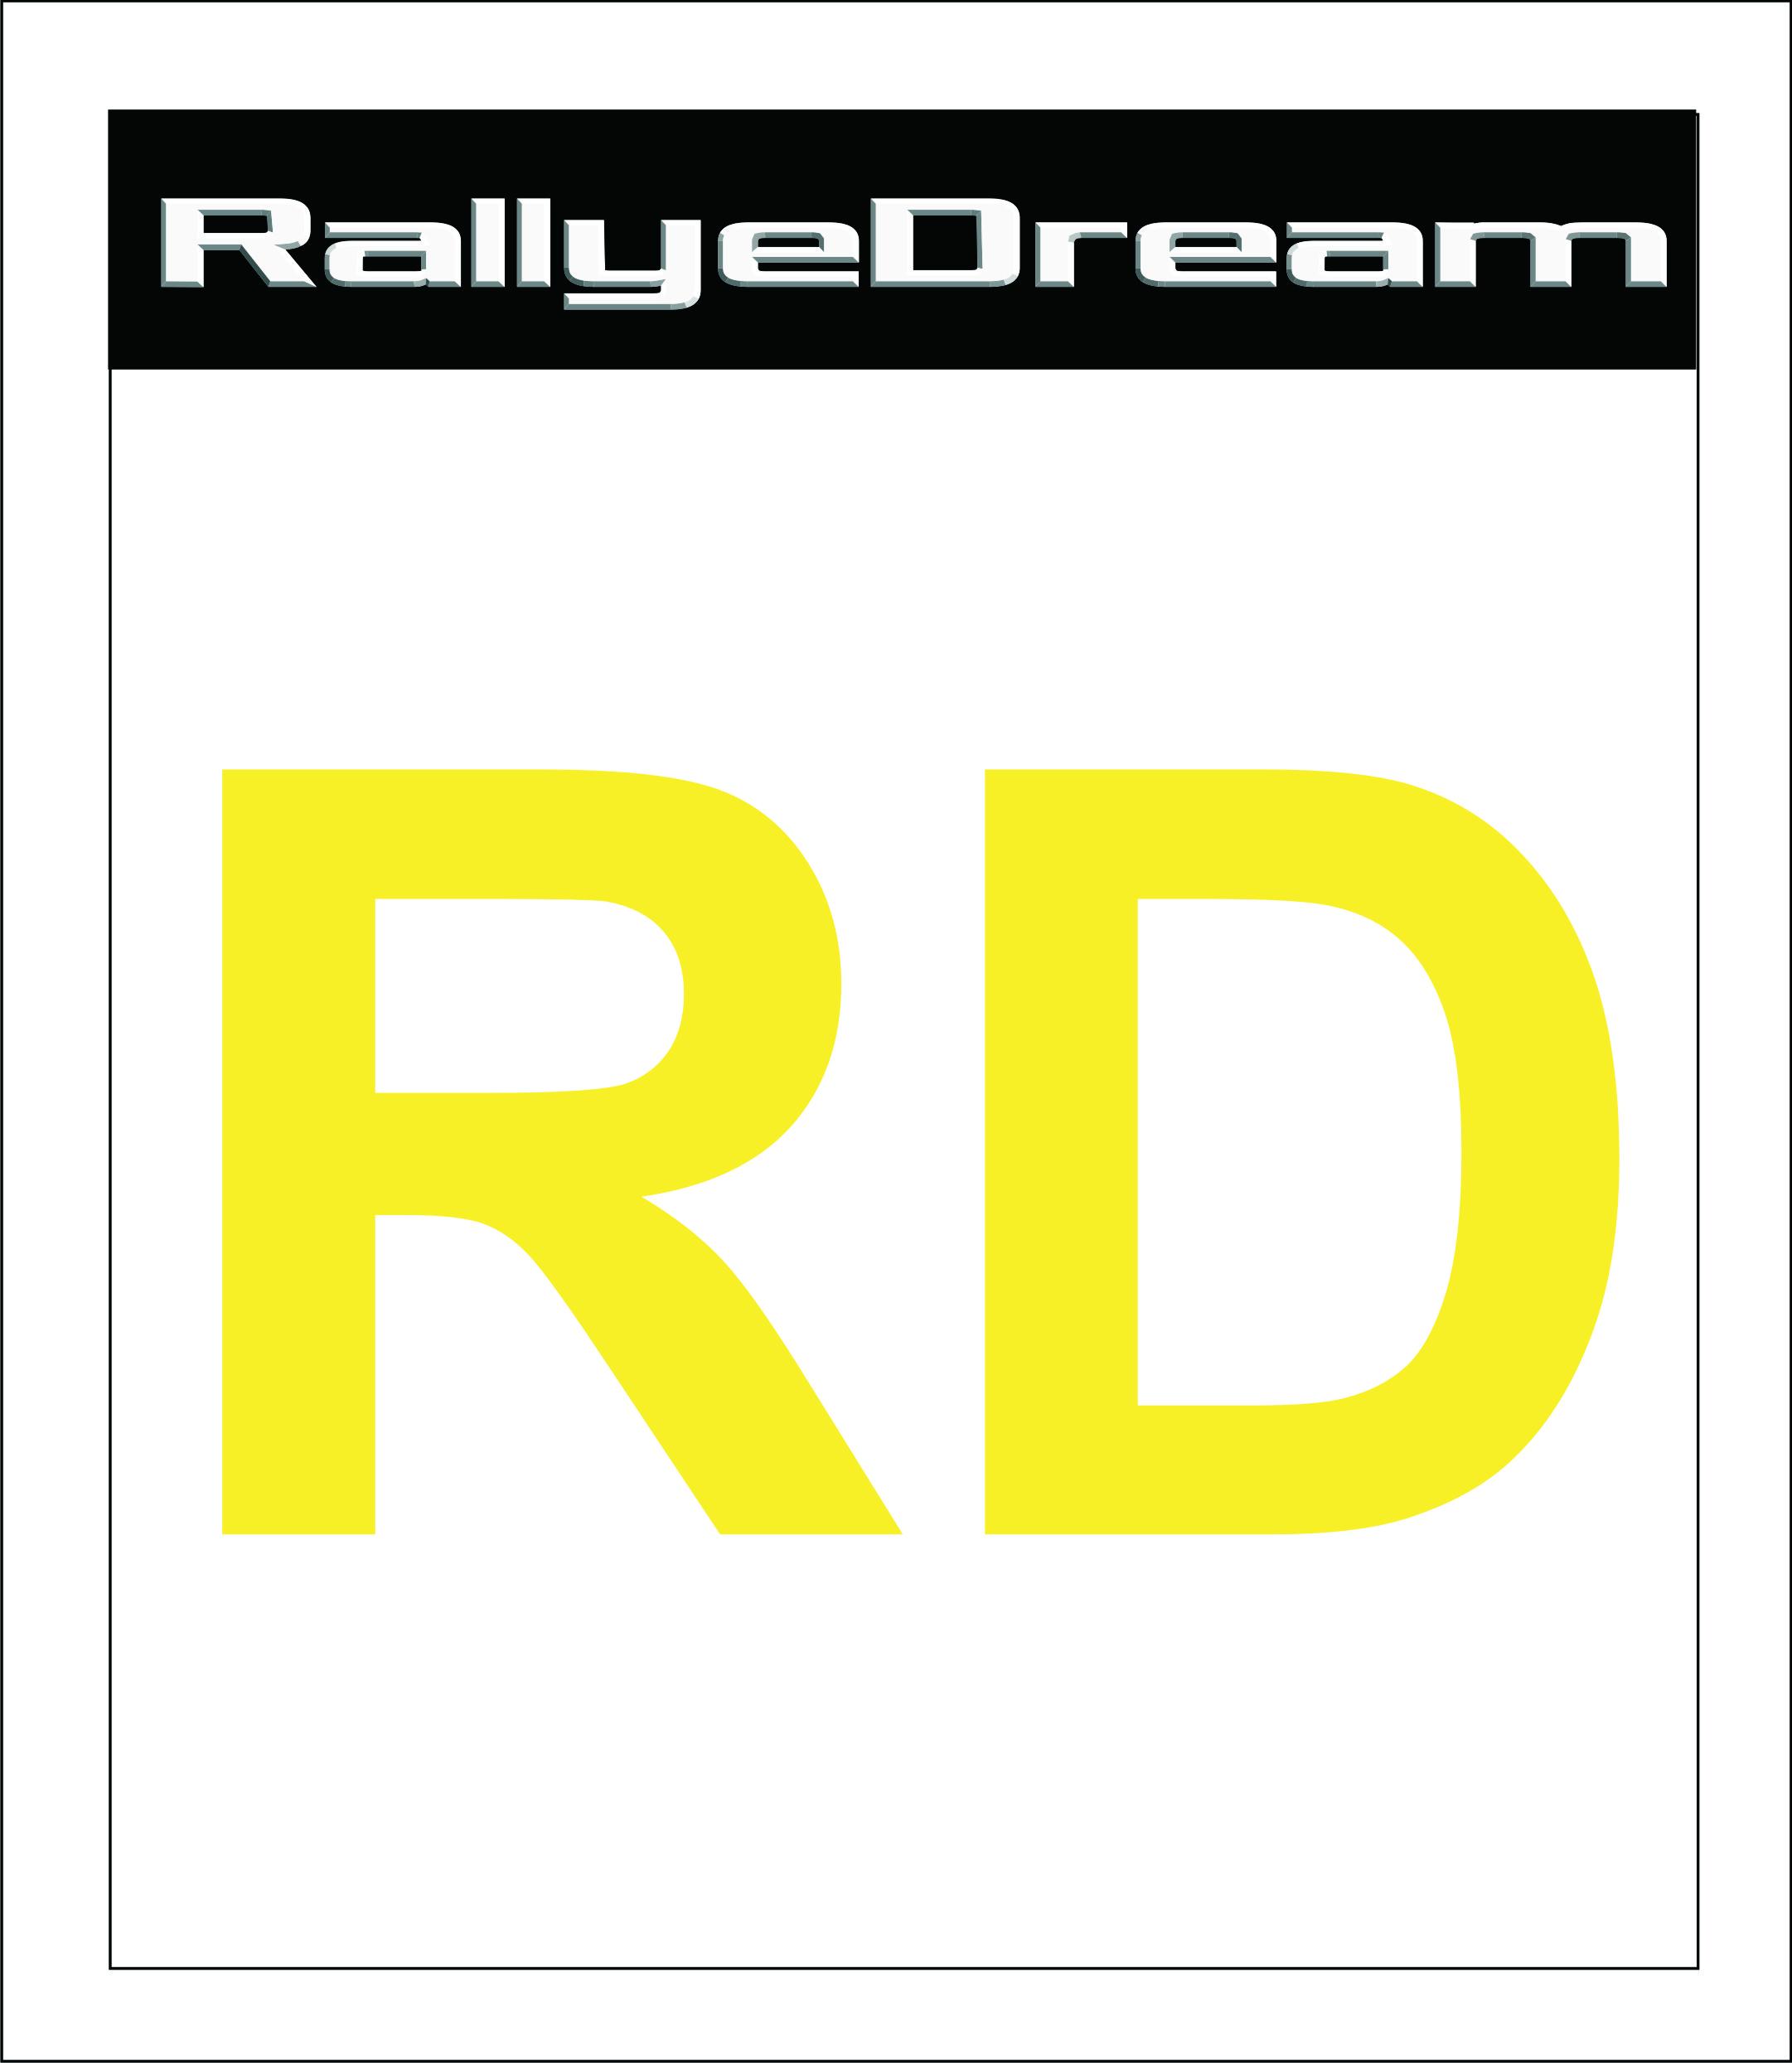 RALLYEDREAM_03.jpg